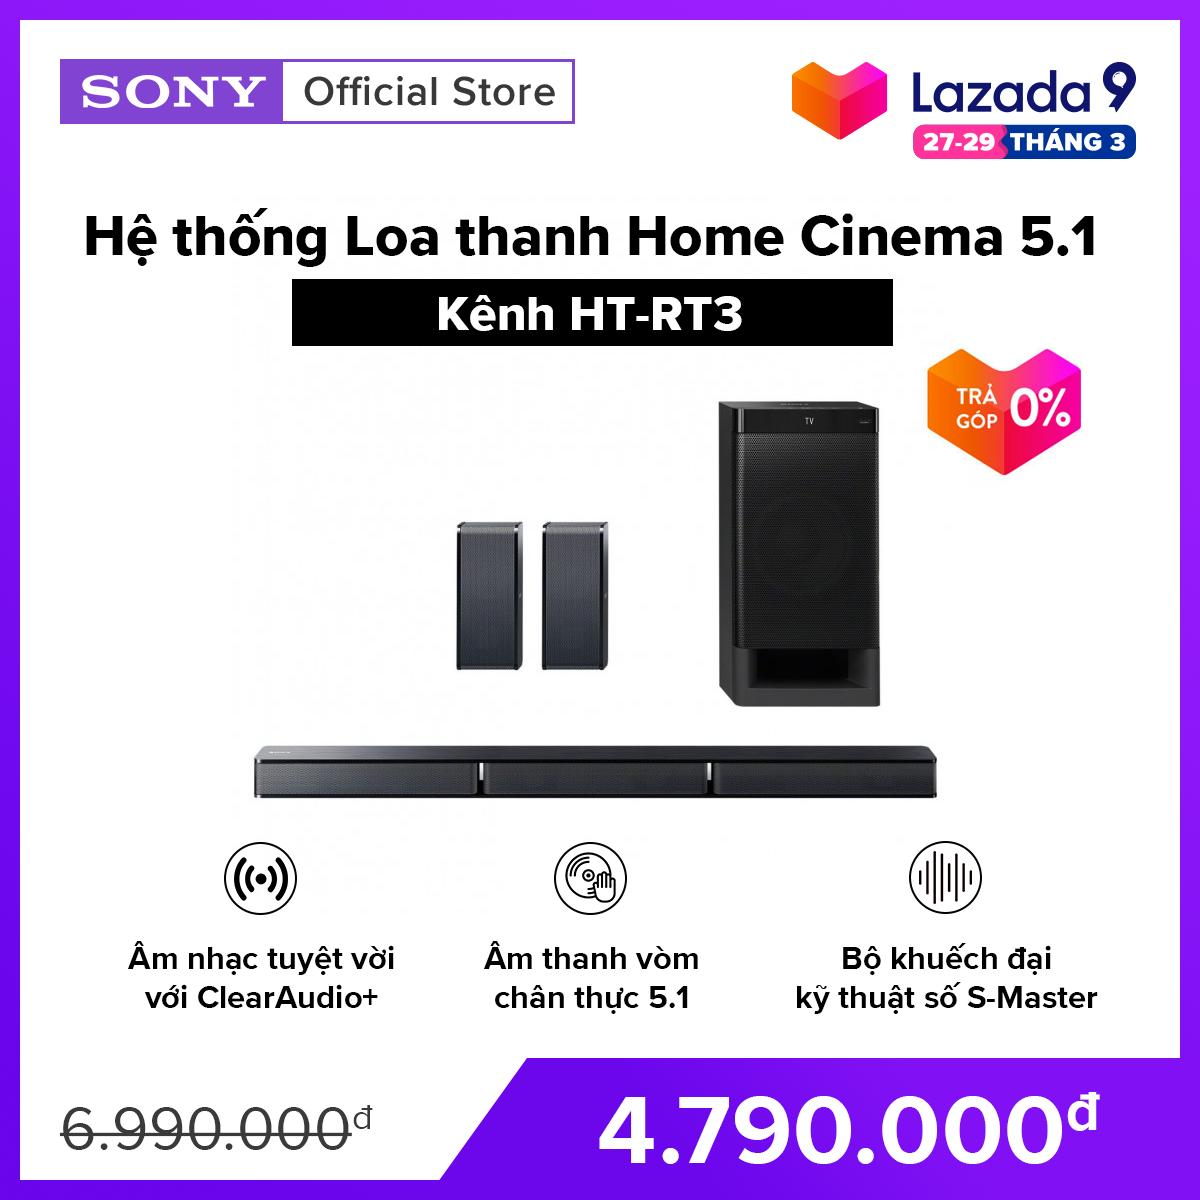 [VOUCHER 300K – HÀNG CHÍNH HÃNG – TRẢ GÓP 0%] Hệ thống Loa thanh Home Cinema 5.1 kênh HT-RT3 Âm thanh vòm chân thực 5.1 Bộ khuếch đại kỹ thuật số S-Master